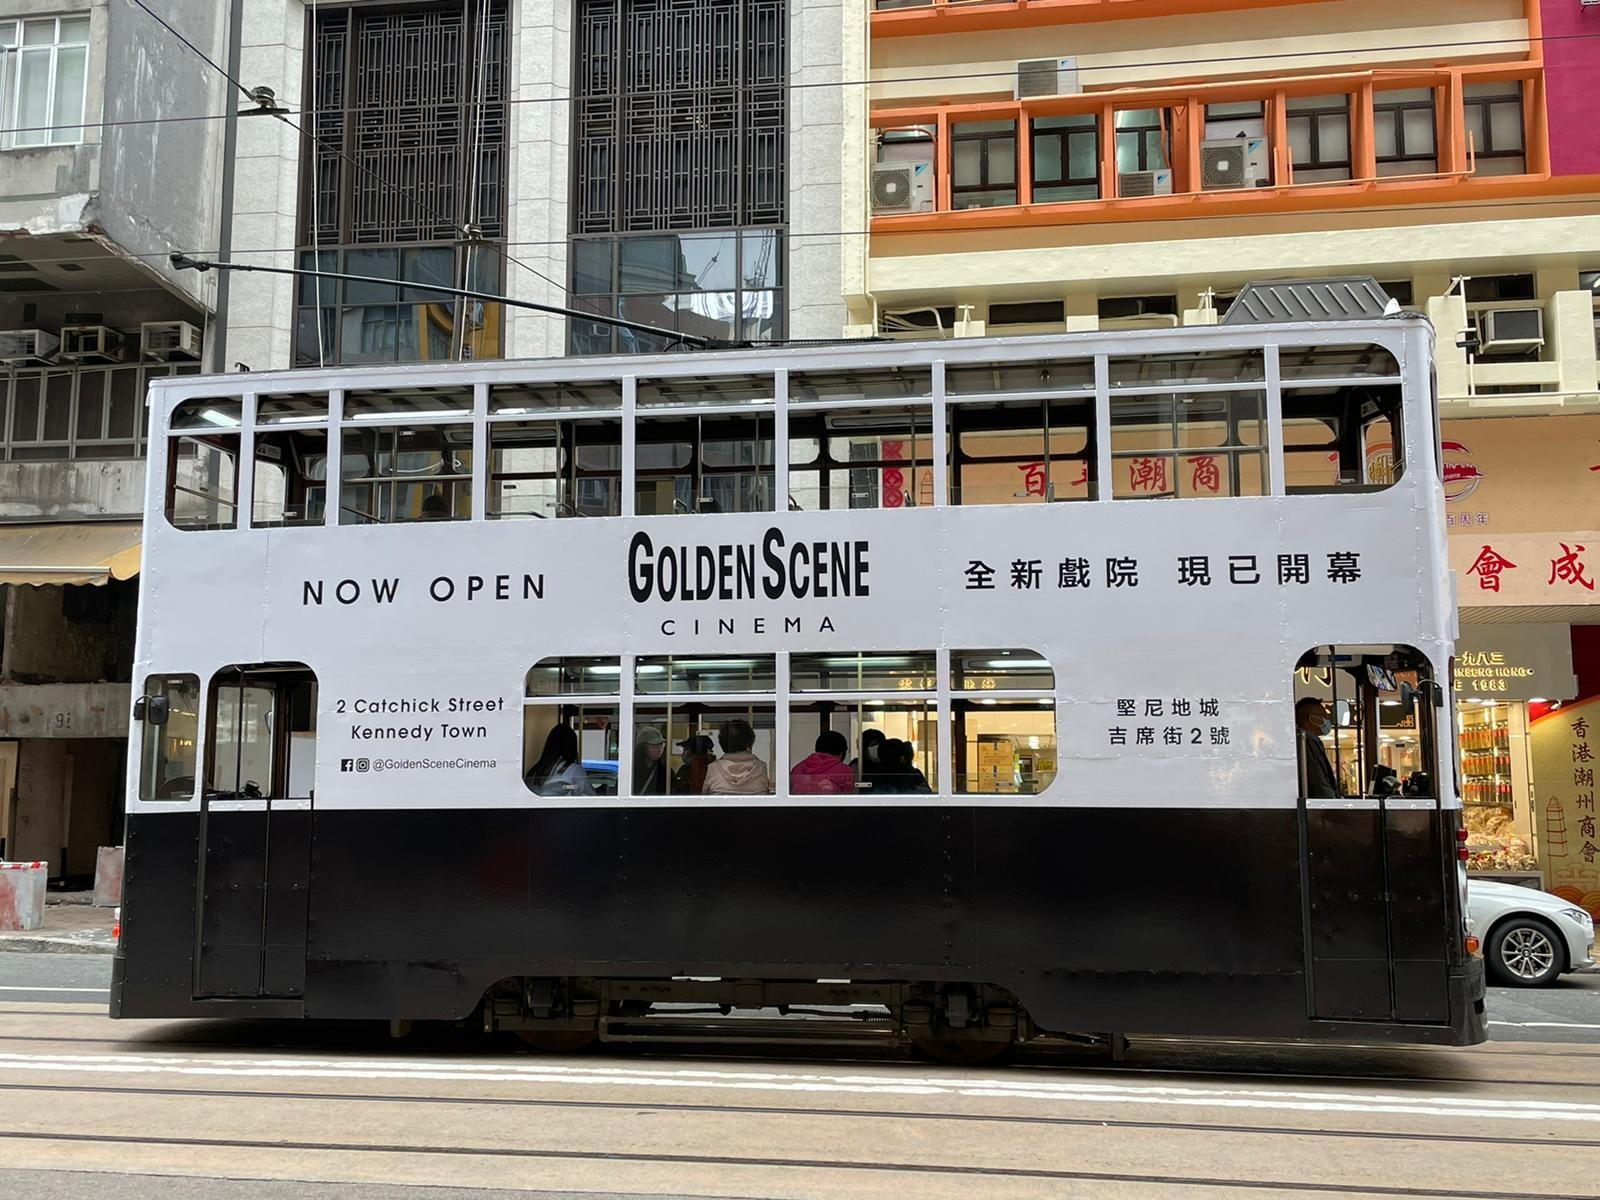 Golden Scene 高先電影院 香港島 電車車身廣告